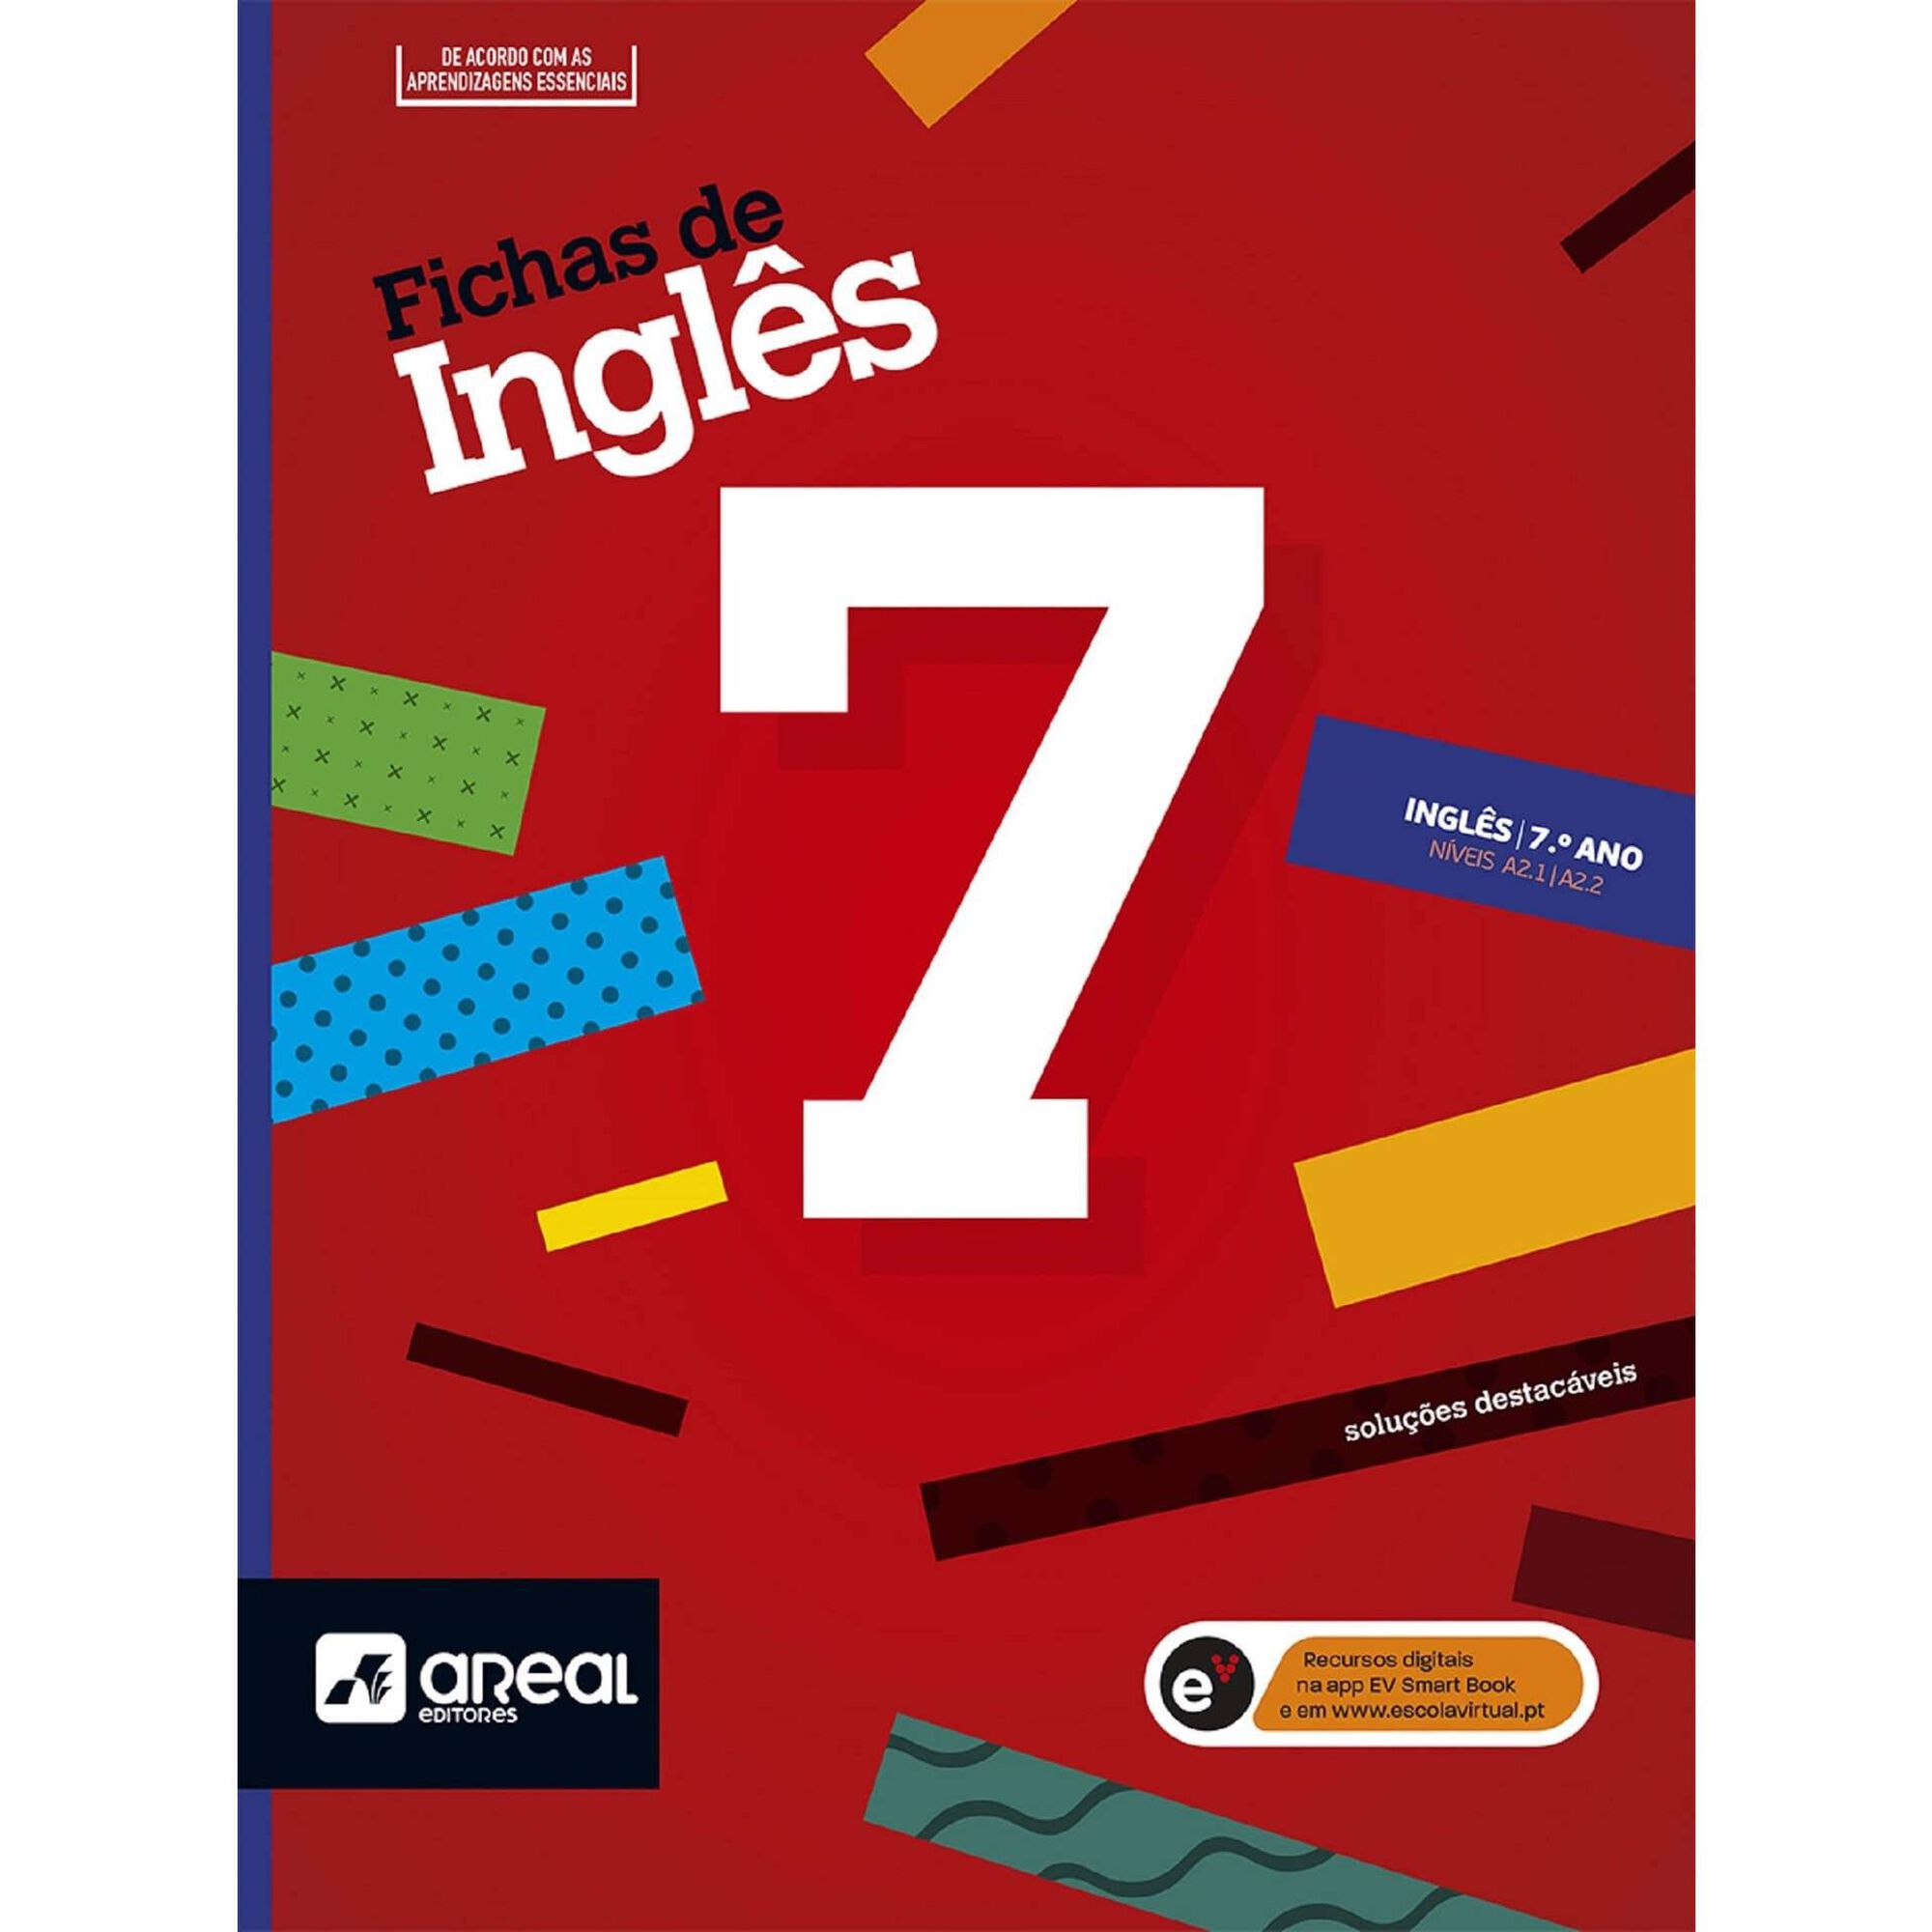 Fichas de Inglês - Níveis A2.1/A2.2 - 7º Ano